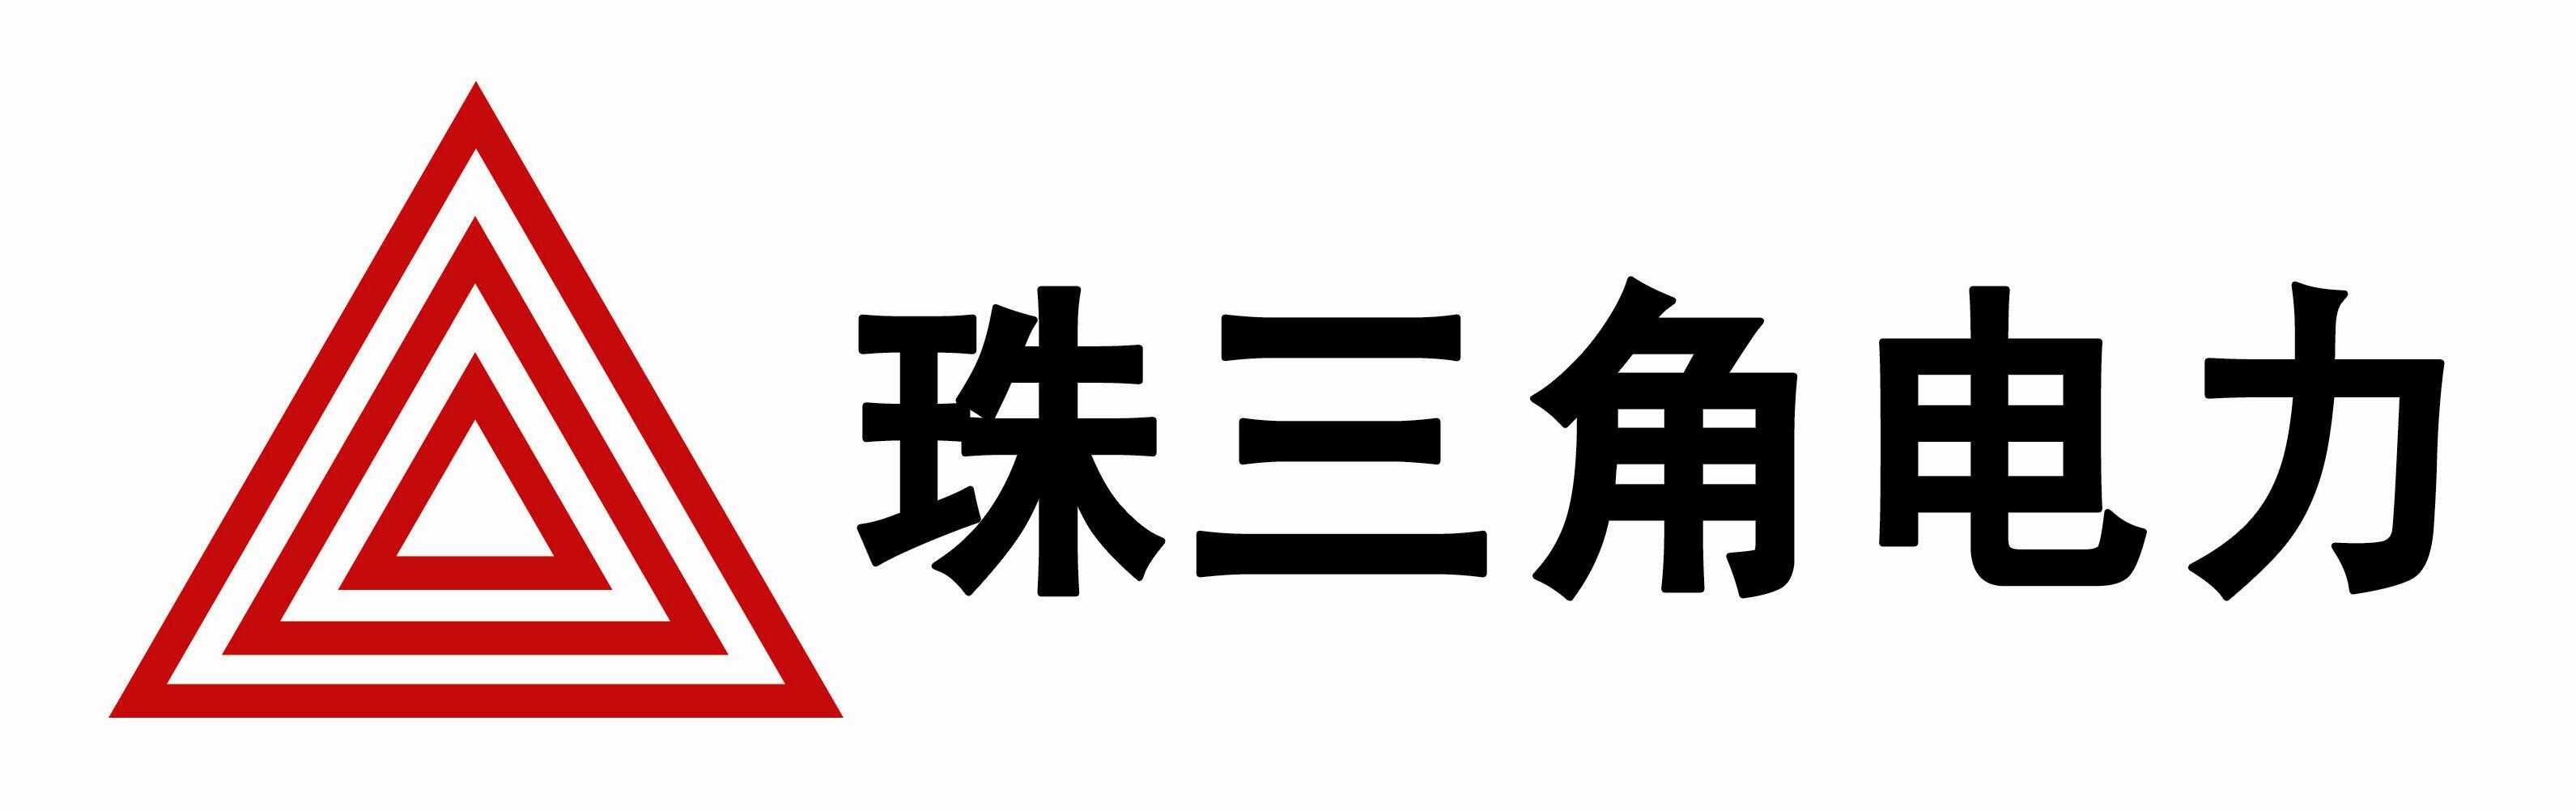 廣東珠三角電力工程技術有限公司